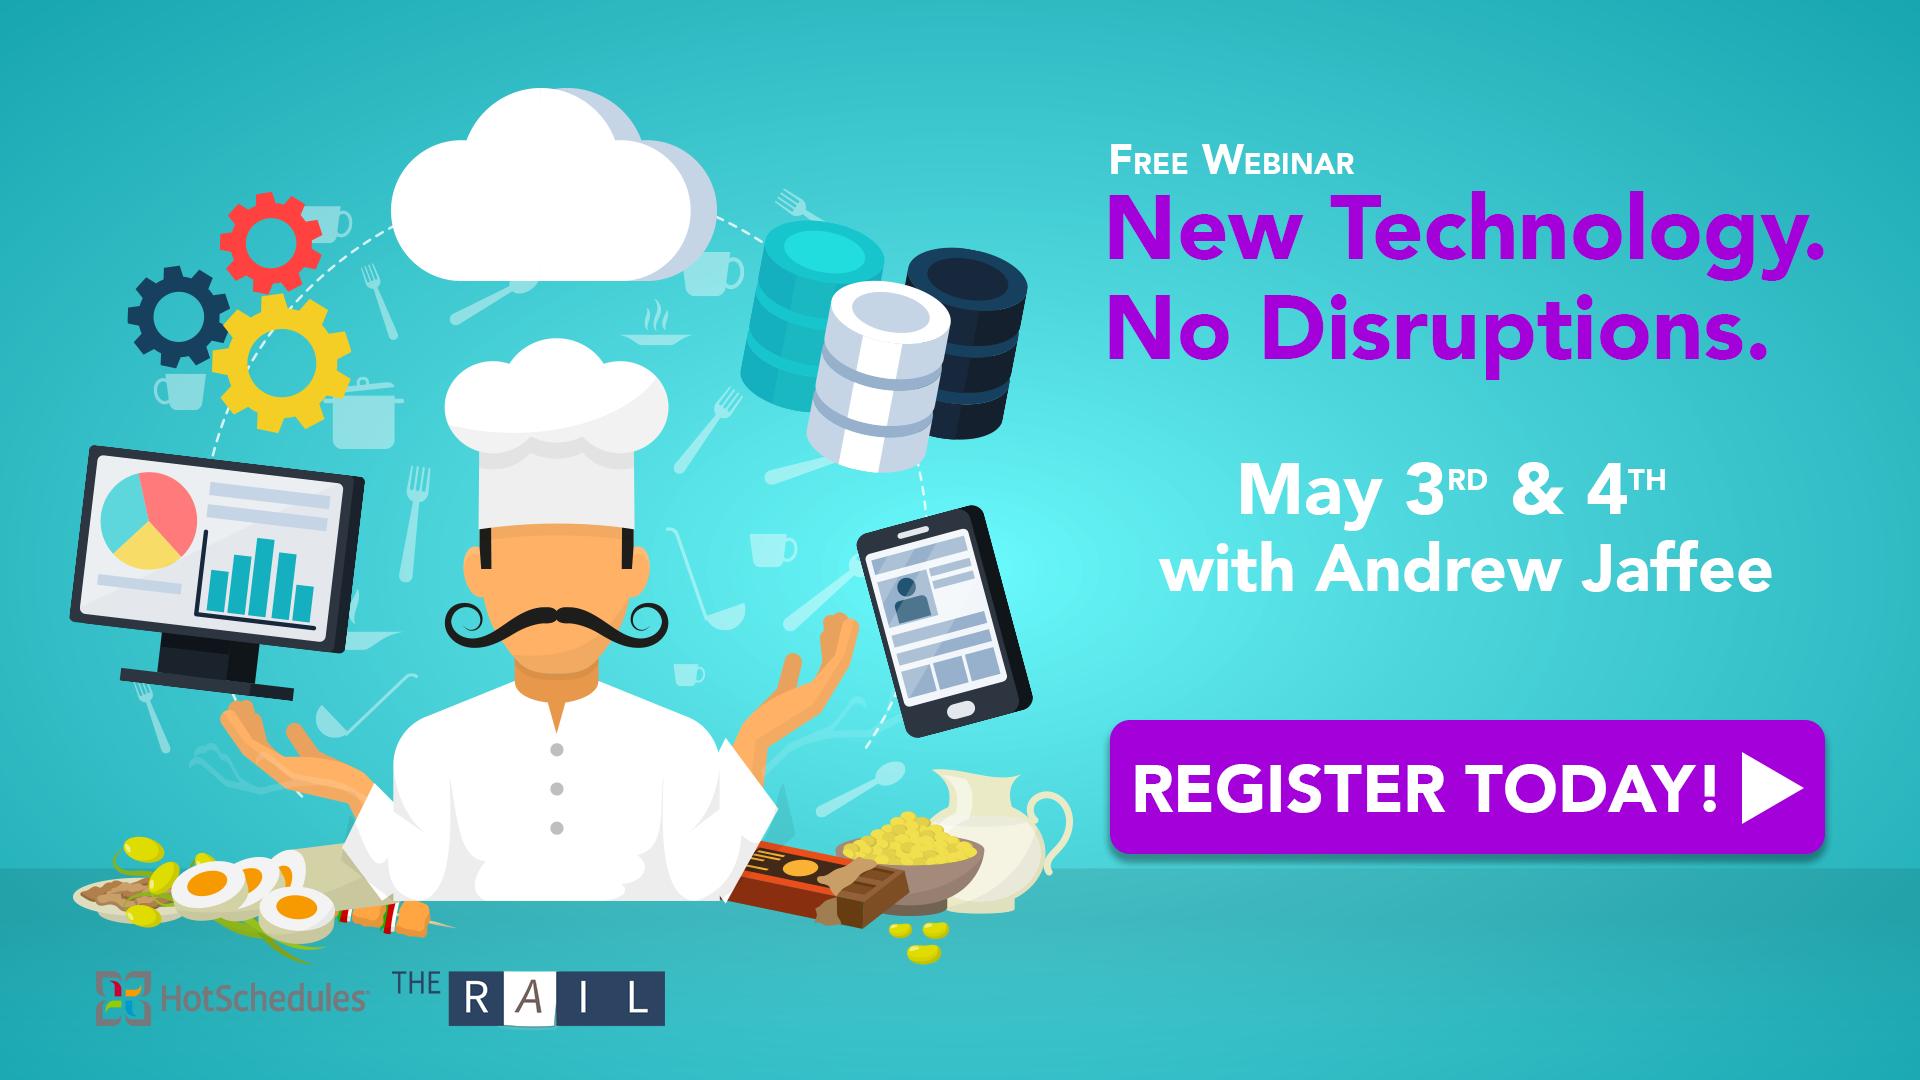 Register for the free Implementing New Restaurant Technology webinar